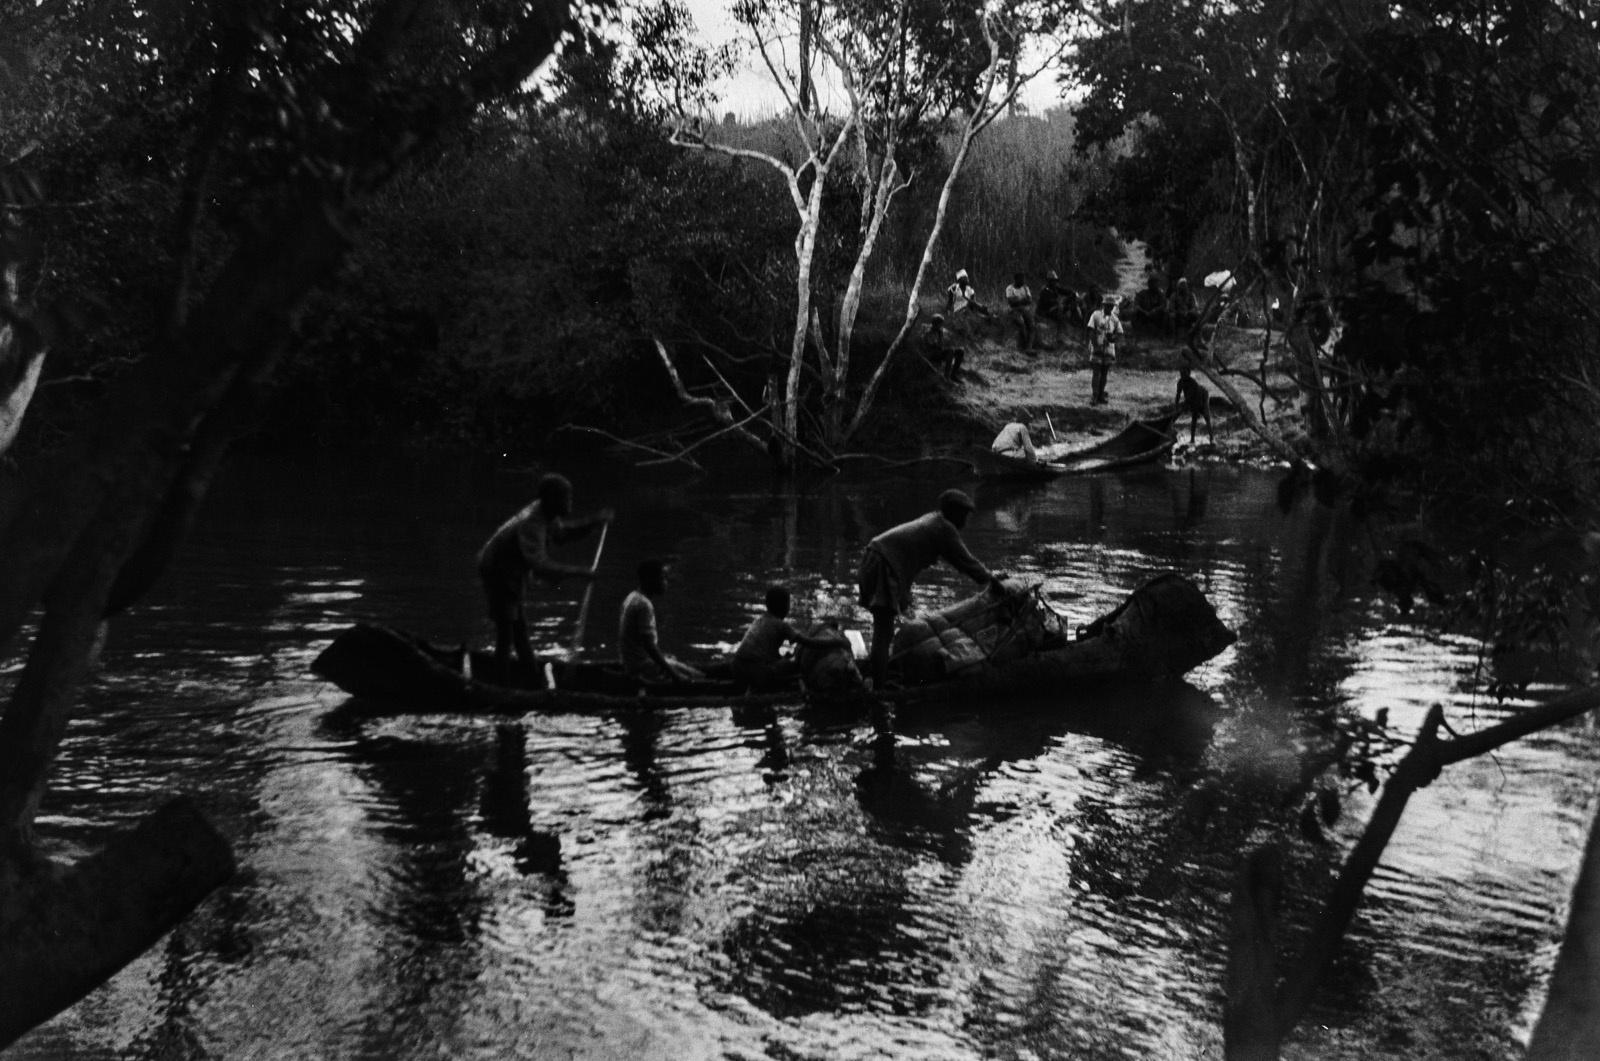 Между Лусвиши и Фунда. Чингола. На маленьких лодках по реке Лусвиши.